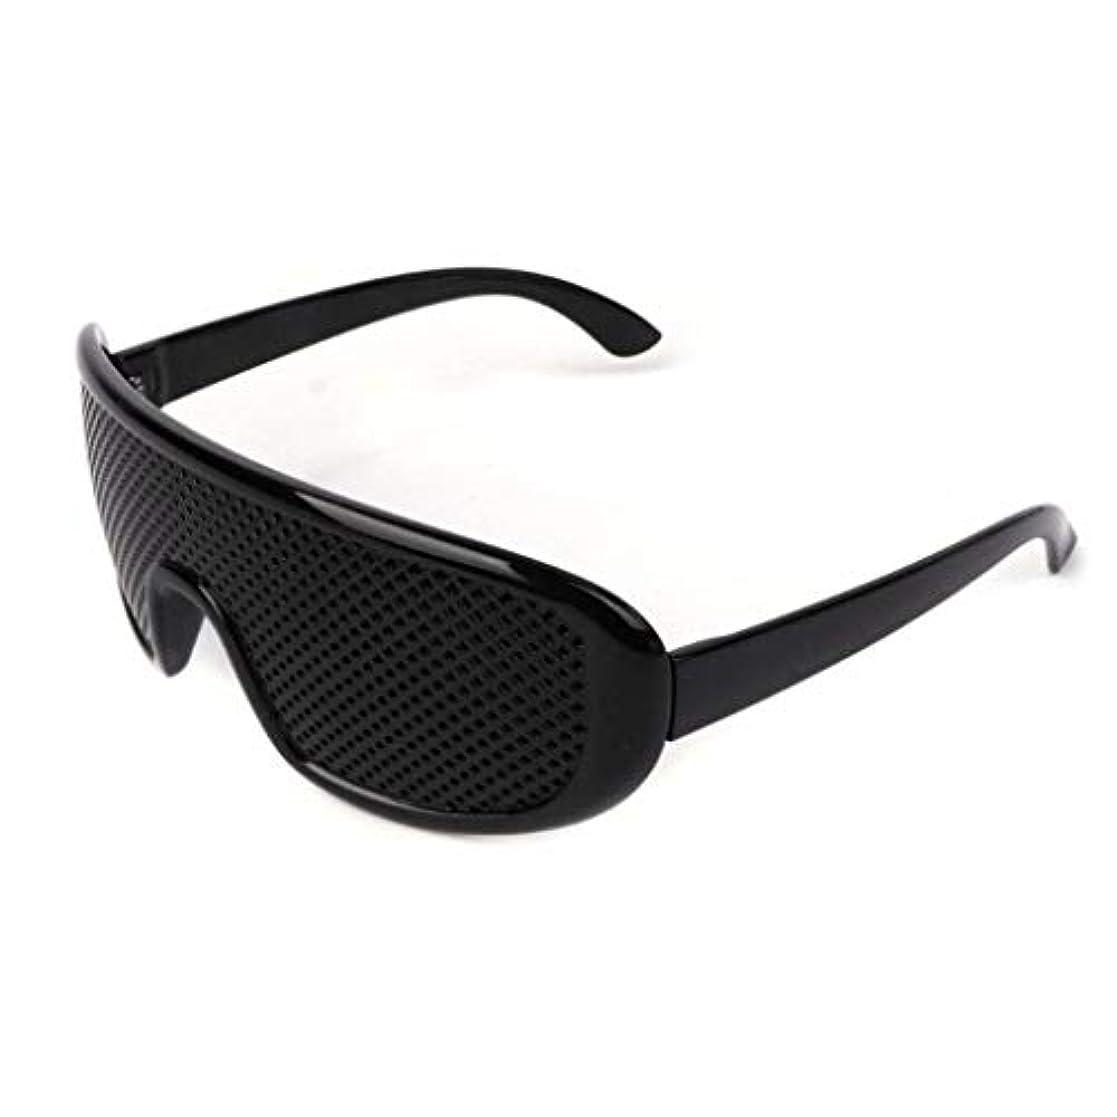 うがい薬考える気を散らすピンホールメガネ、視力矯正メガネ網状視力保護メガネ耐疲労性メガネ近視の防止メガネの改善